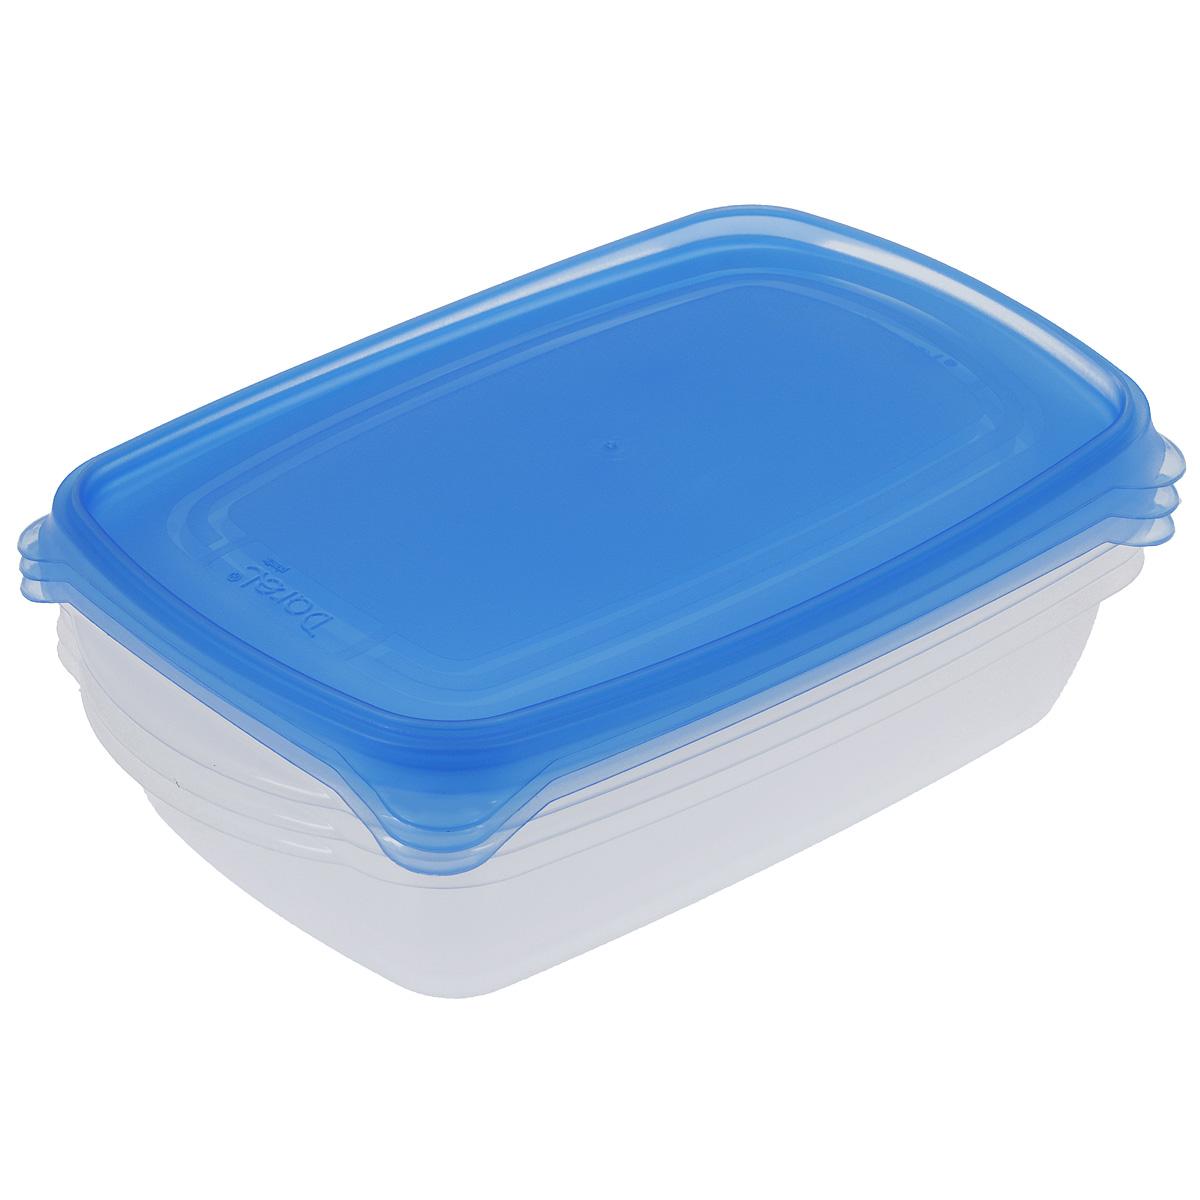 Набор контейнеров Darel, цвет: синий, 1,3 л, 3 шт40402Набор Darel состоит из трех прямоугольных контейнеров. Изделия выполнены из высококачественного пищевого полипропилена. Крышки легко открываются и плотно закрываются с помощью легкого щелчка. Подходят для хранения и транспортировки пищи. Складываются друг в друга, что экономит пространство при хранении в шкафу. Контейнеры подходят для использования в микроволновой печи без крышек, а также для заморозки в морозильной камере. Можно мыть в посудомоечной машине.